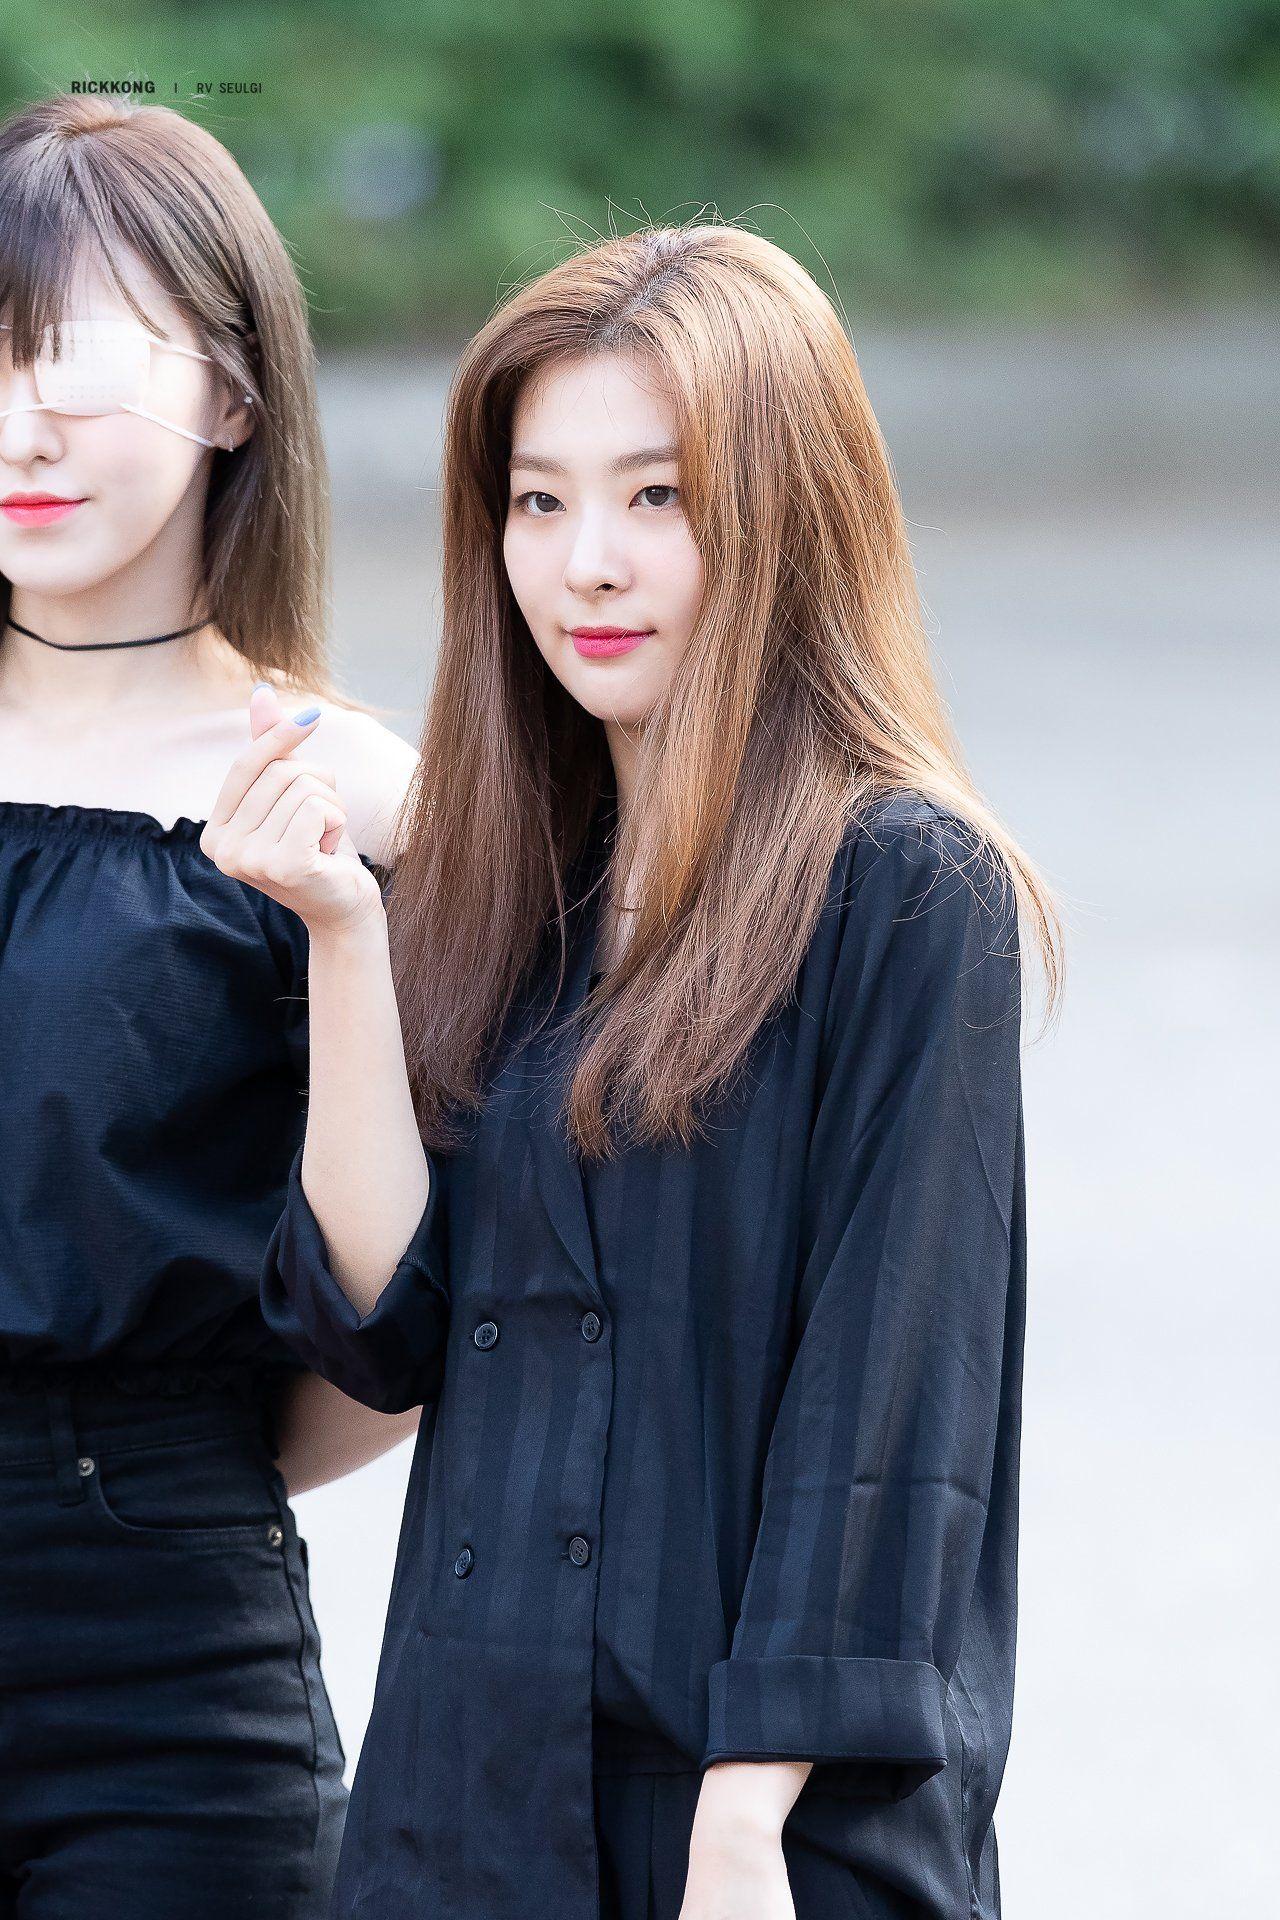 Rickkong On Twitter Red Velvet Seulgi Seulgi Red Velvet